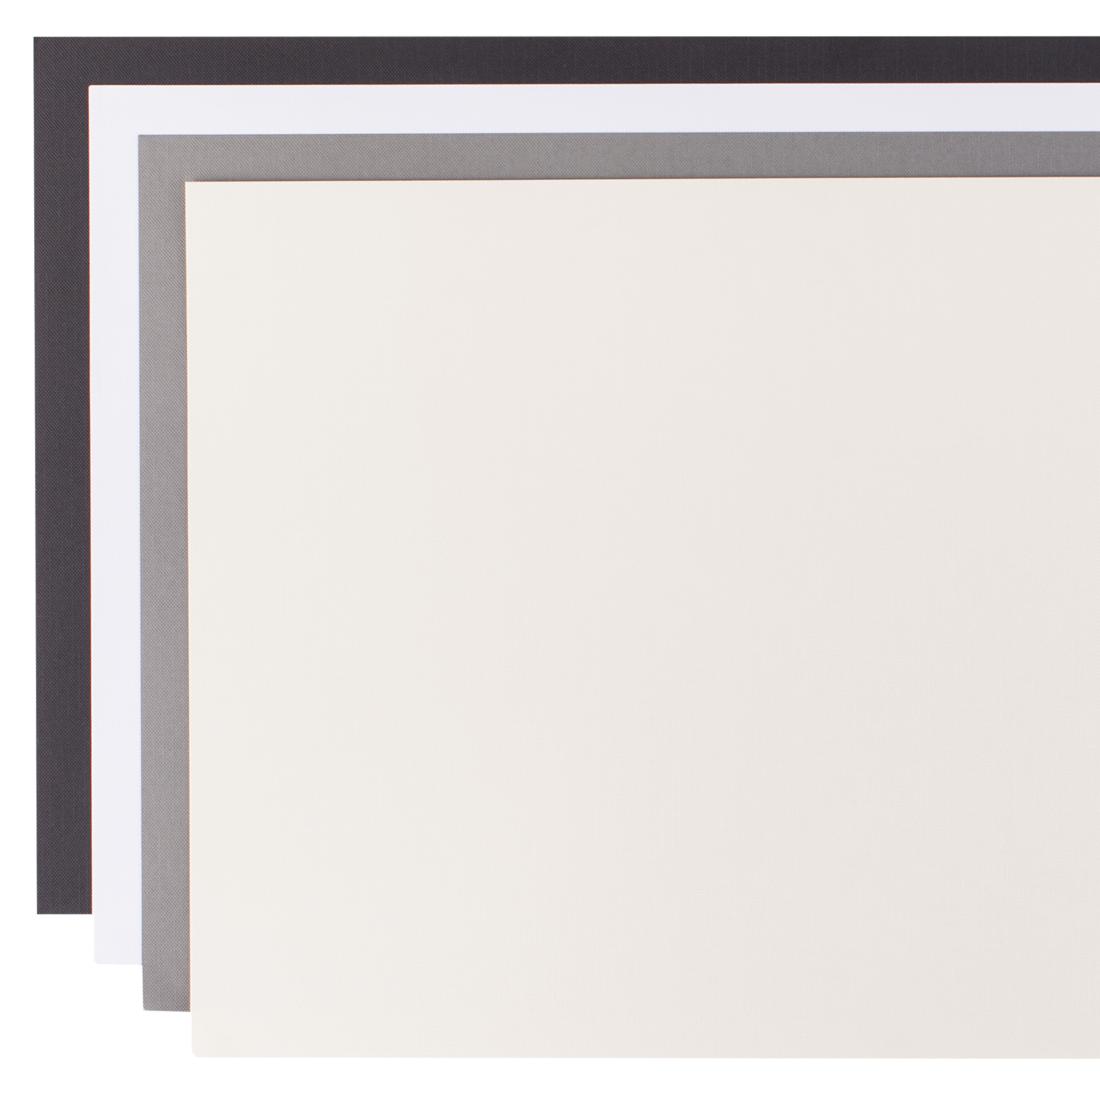 Cricut® cardstock 12x24 basic sampler